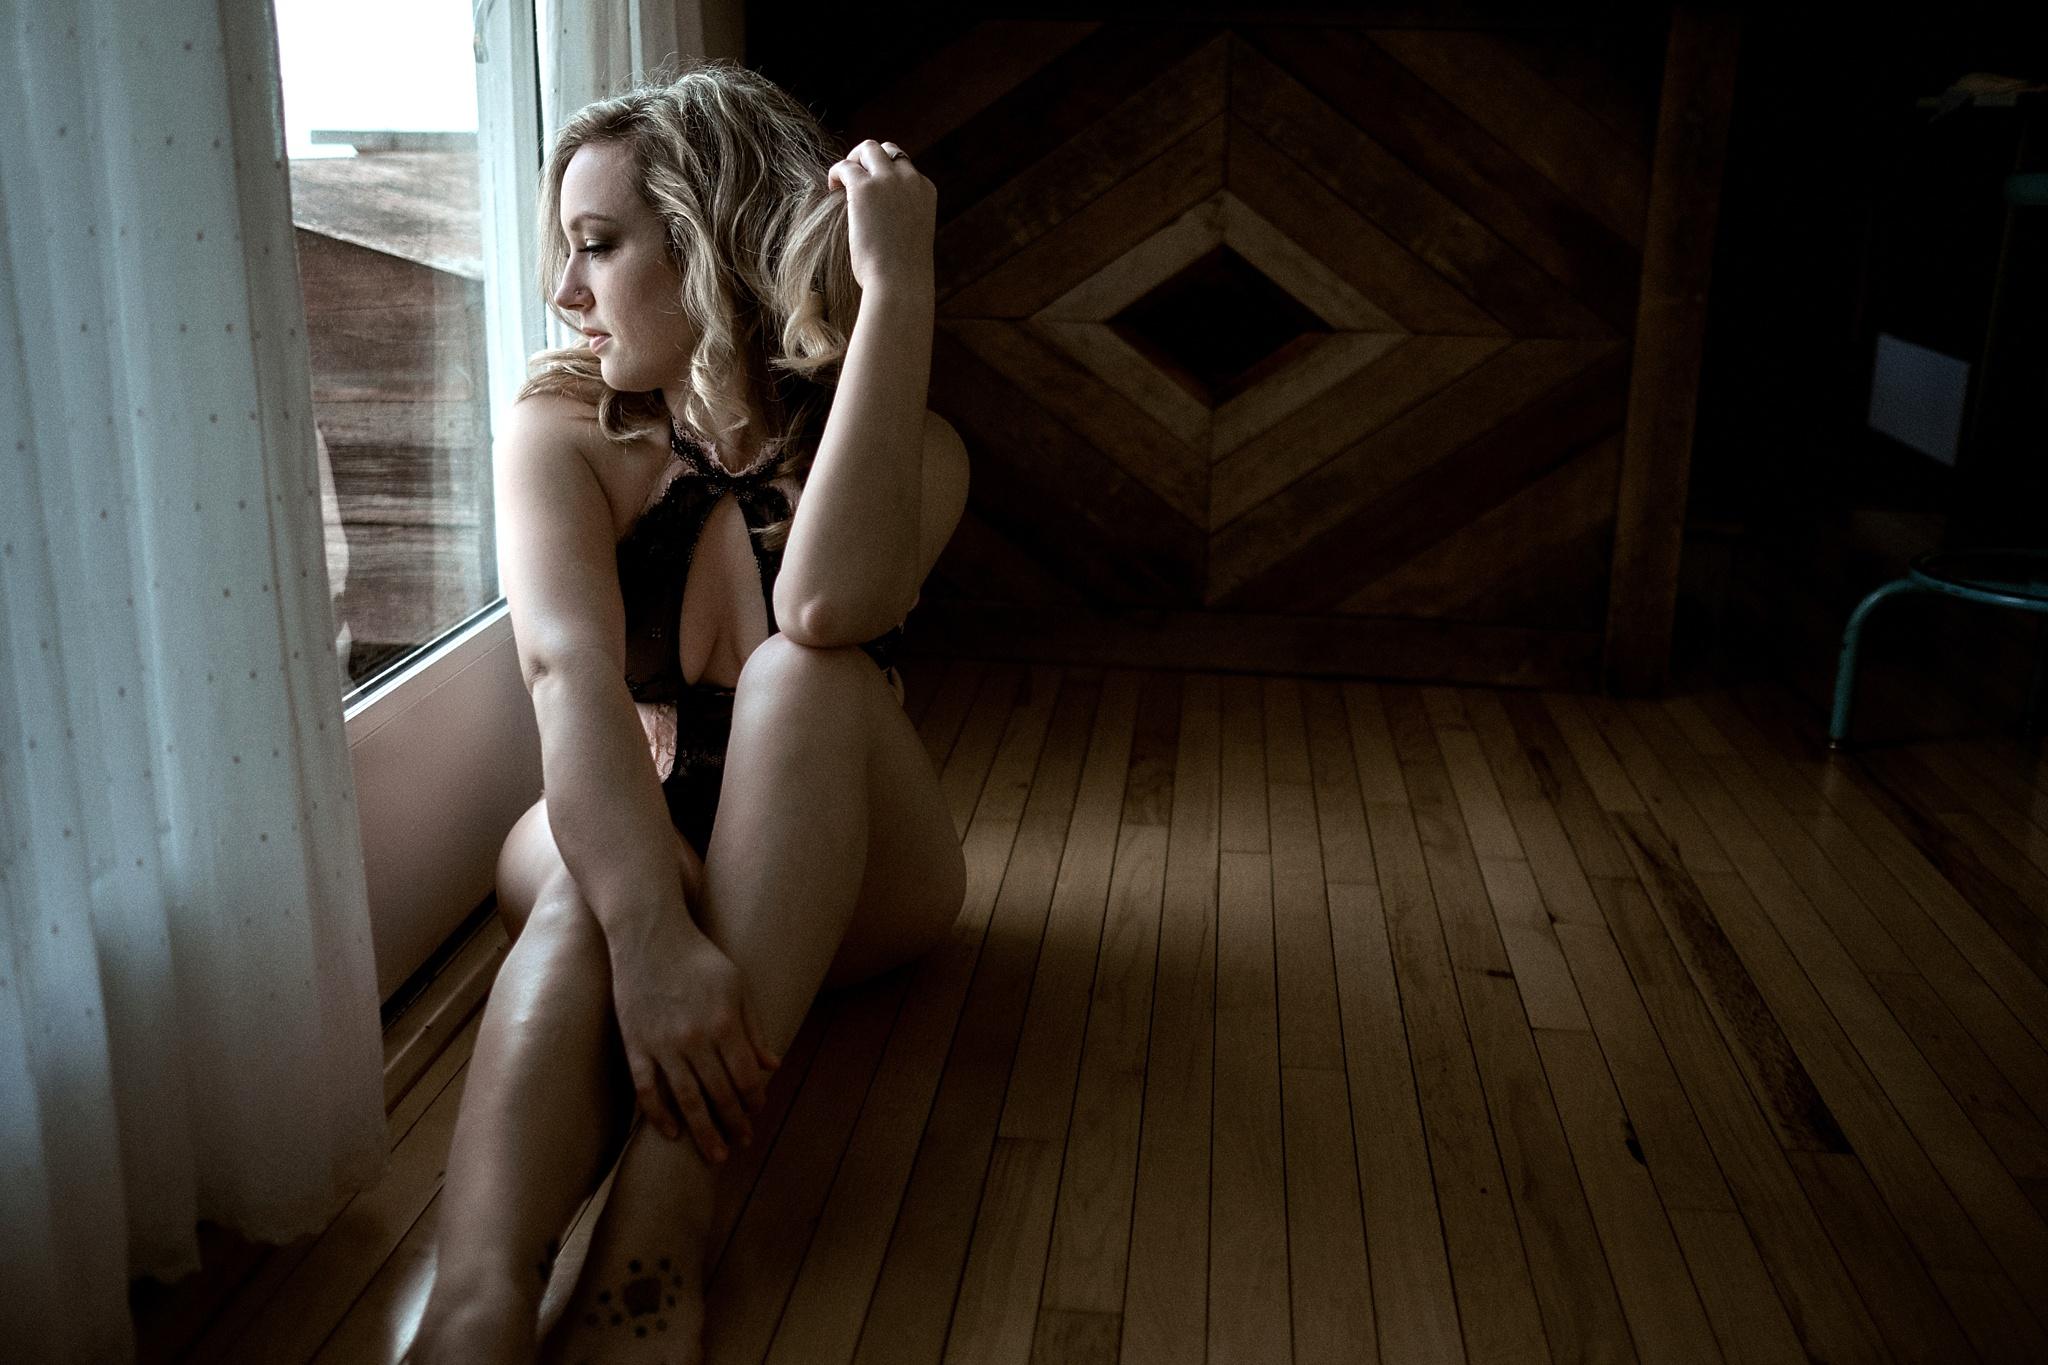 boudoir-photography-wi_08.jpg